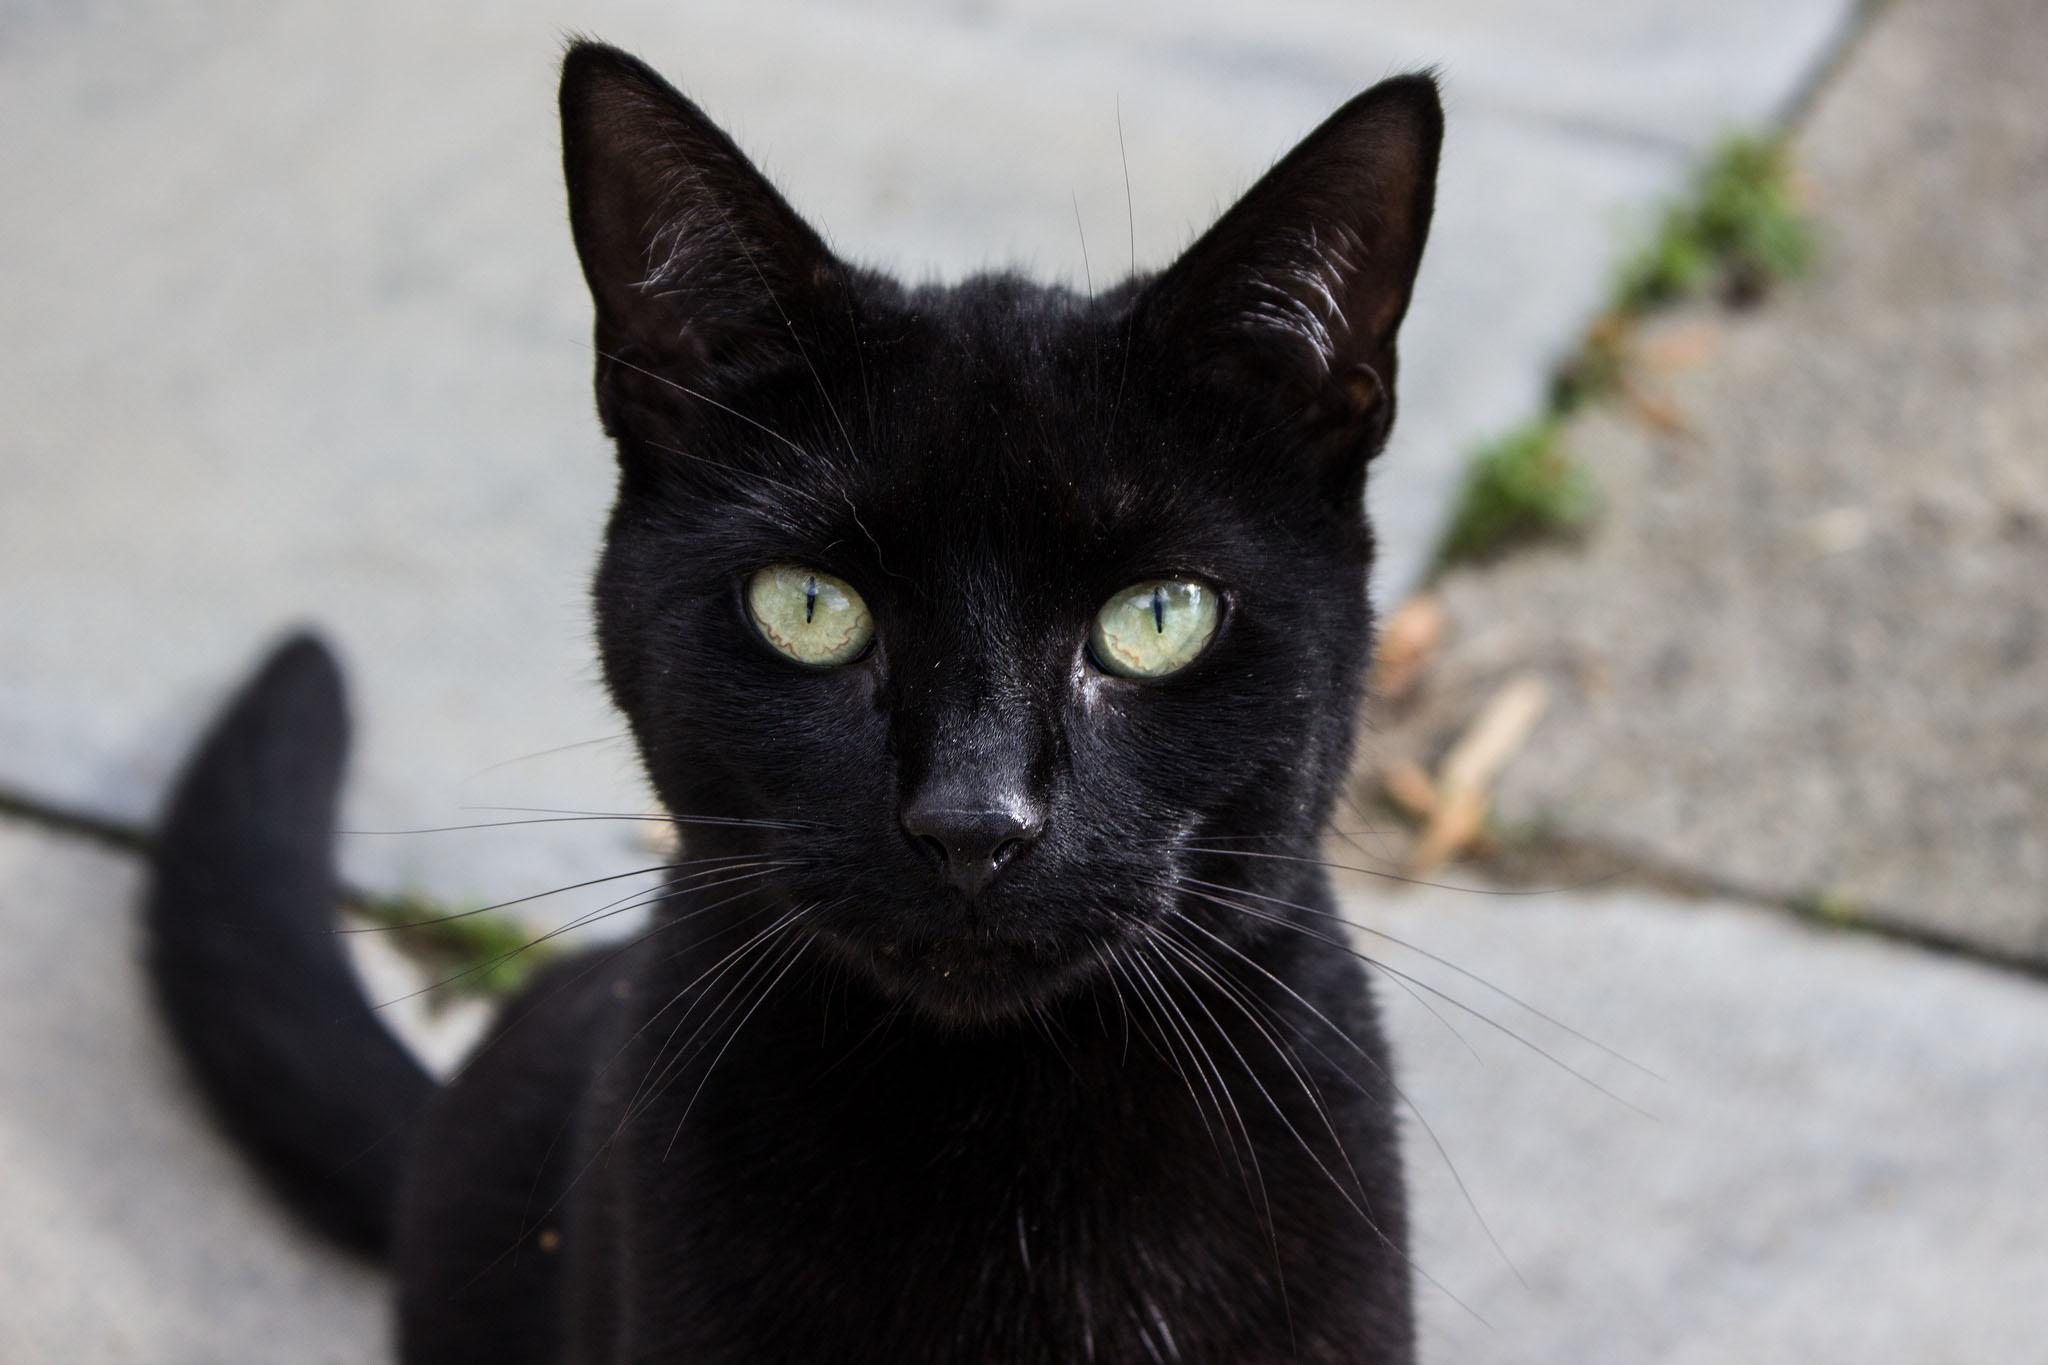 Ảnh mèo đen đẹp